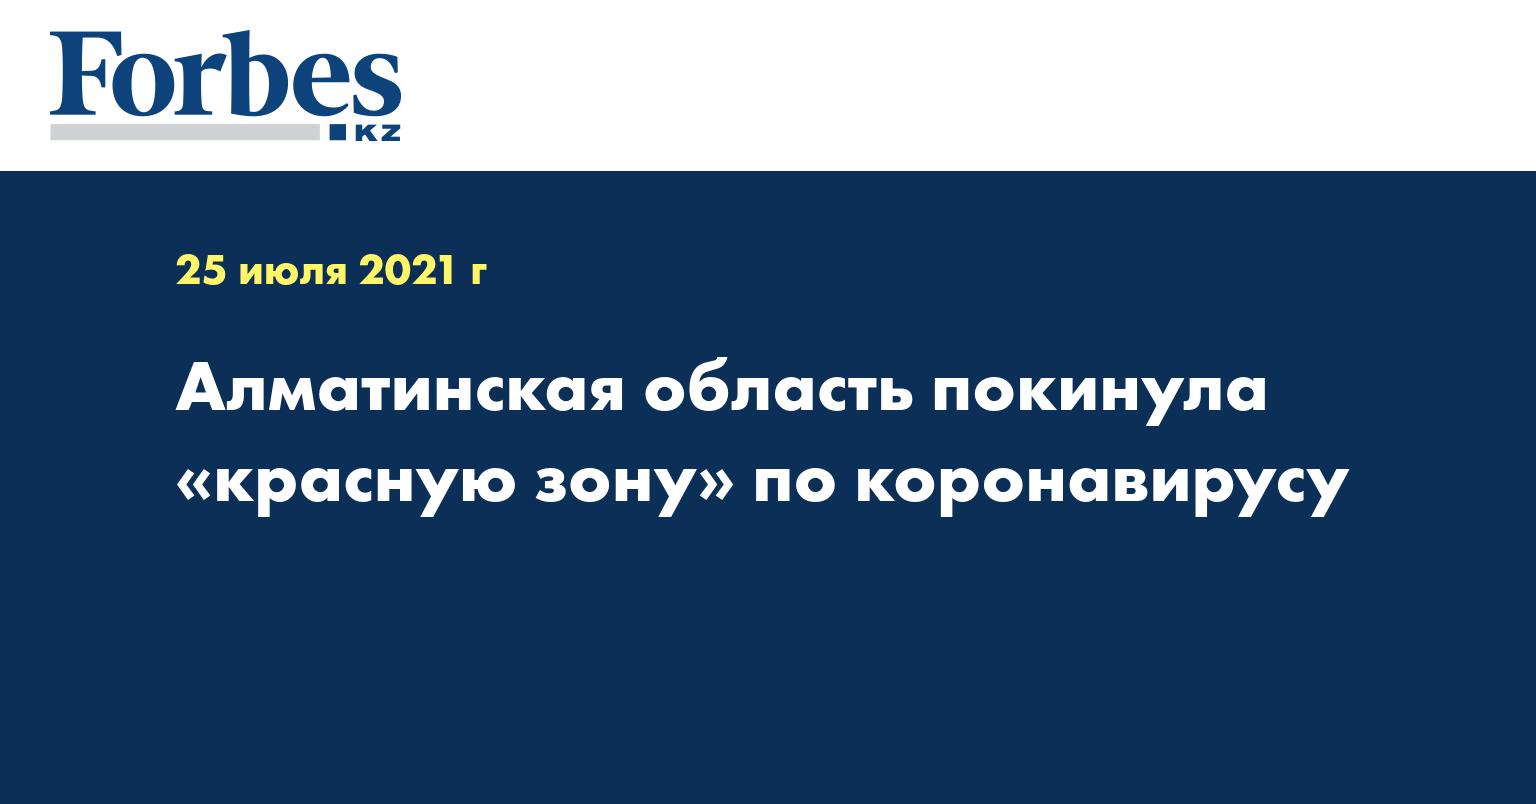 Алматинская область покинула «красную зону» по коронавирусу